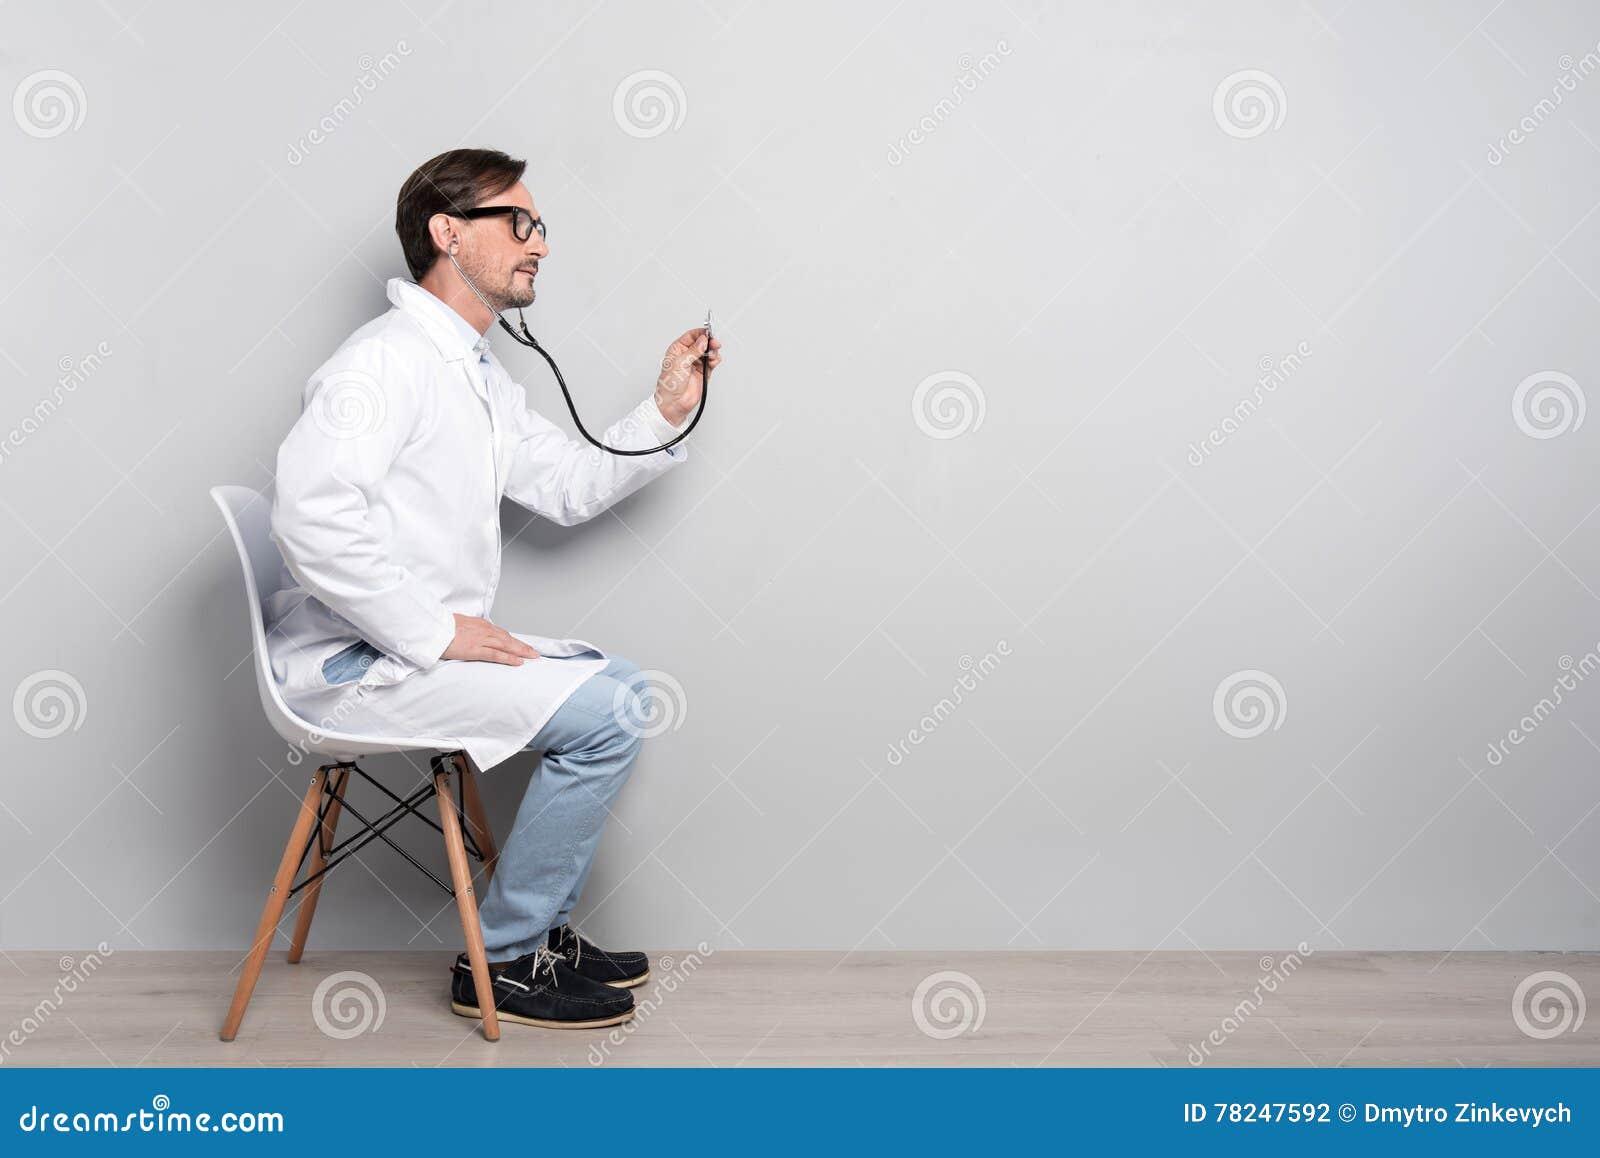 Medico bello che diagnostica il paziente